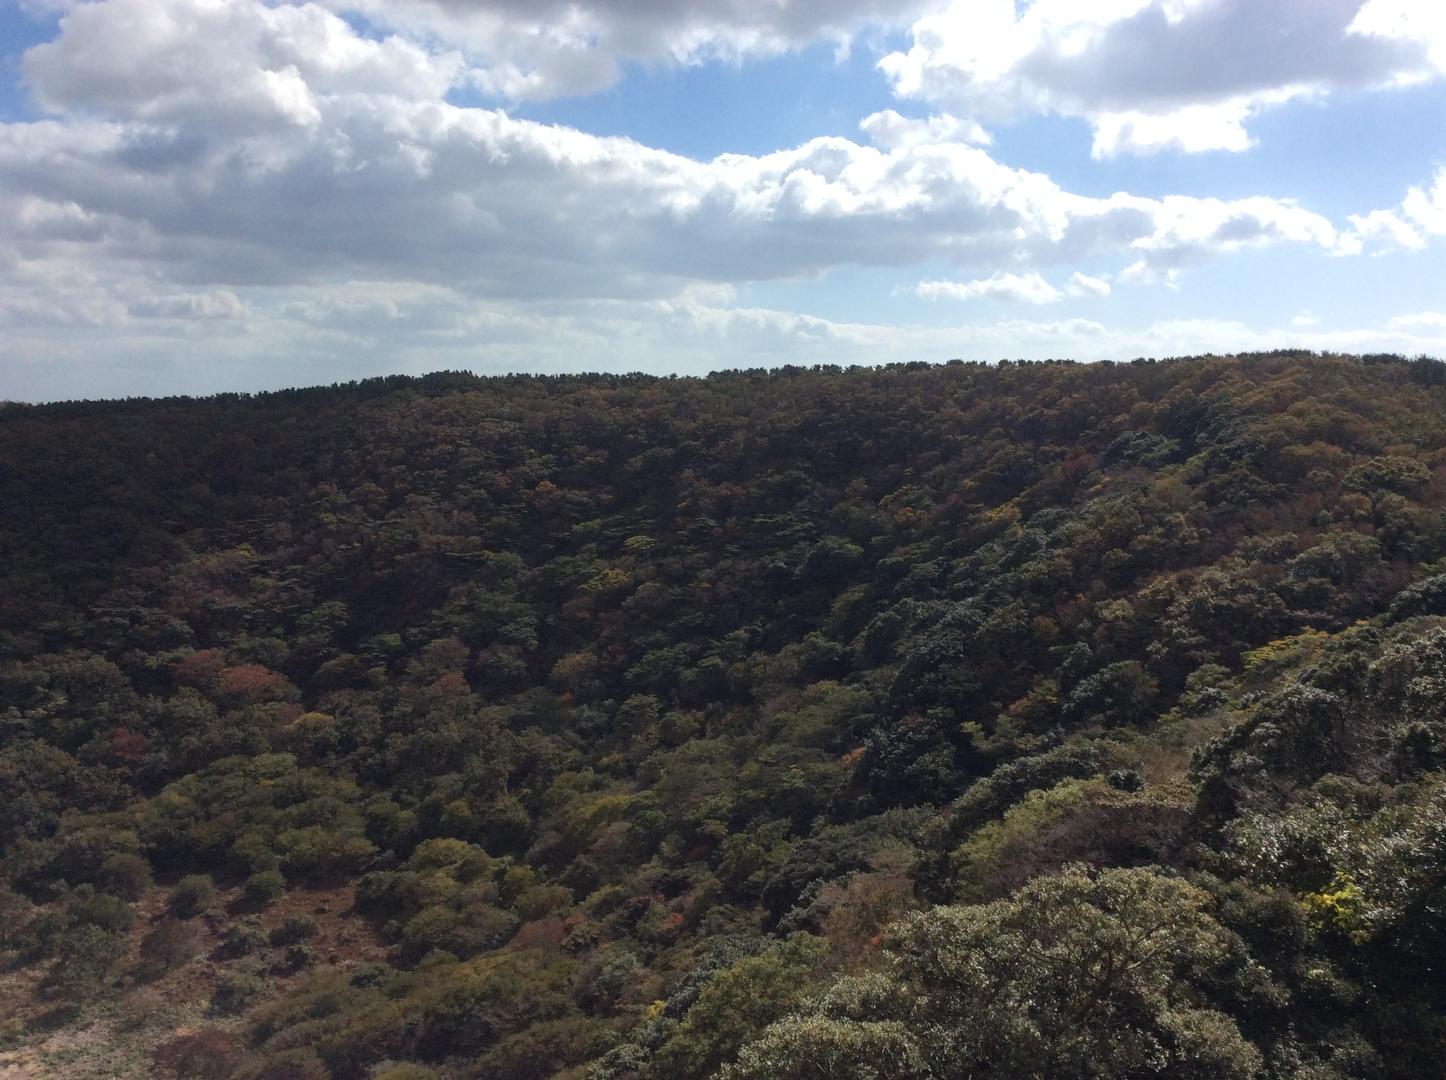 一人で参加しました。姉妹のお二人と一緒にまわりました。 世界遺産を1日でコンパクトに回ることができ、楽しかったです。 それでも、城山日出峰や洞窟はしっかりまわれました。 ガイドさんも日本語ペラペラで、いっぱい済州島のことを教えてくれて、 満足です。